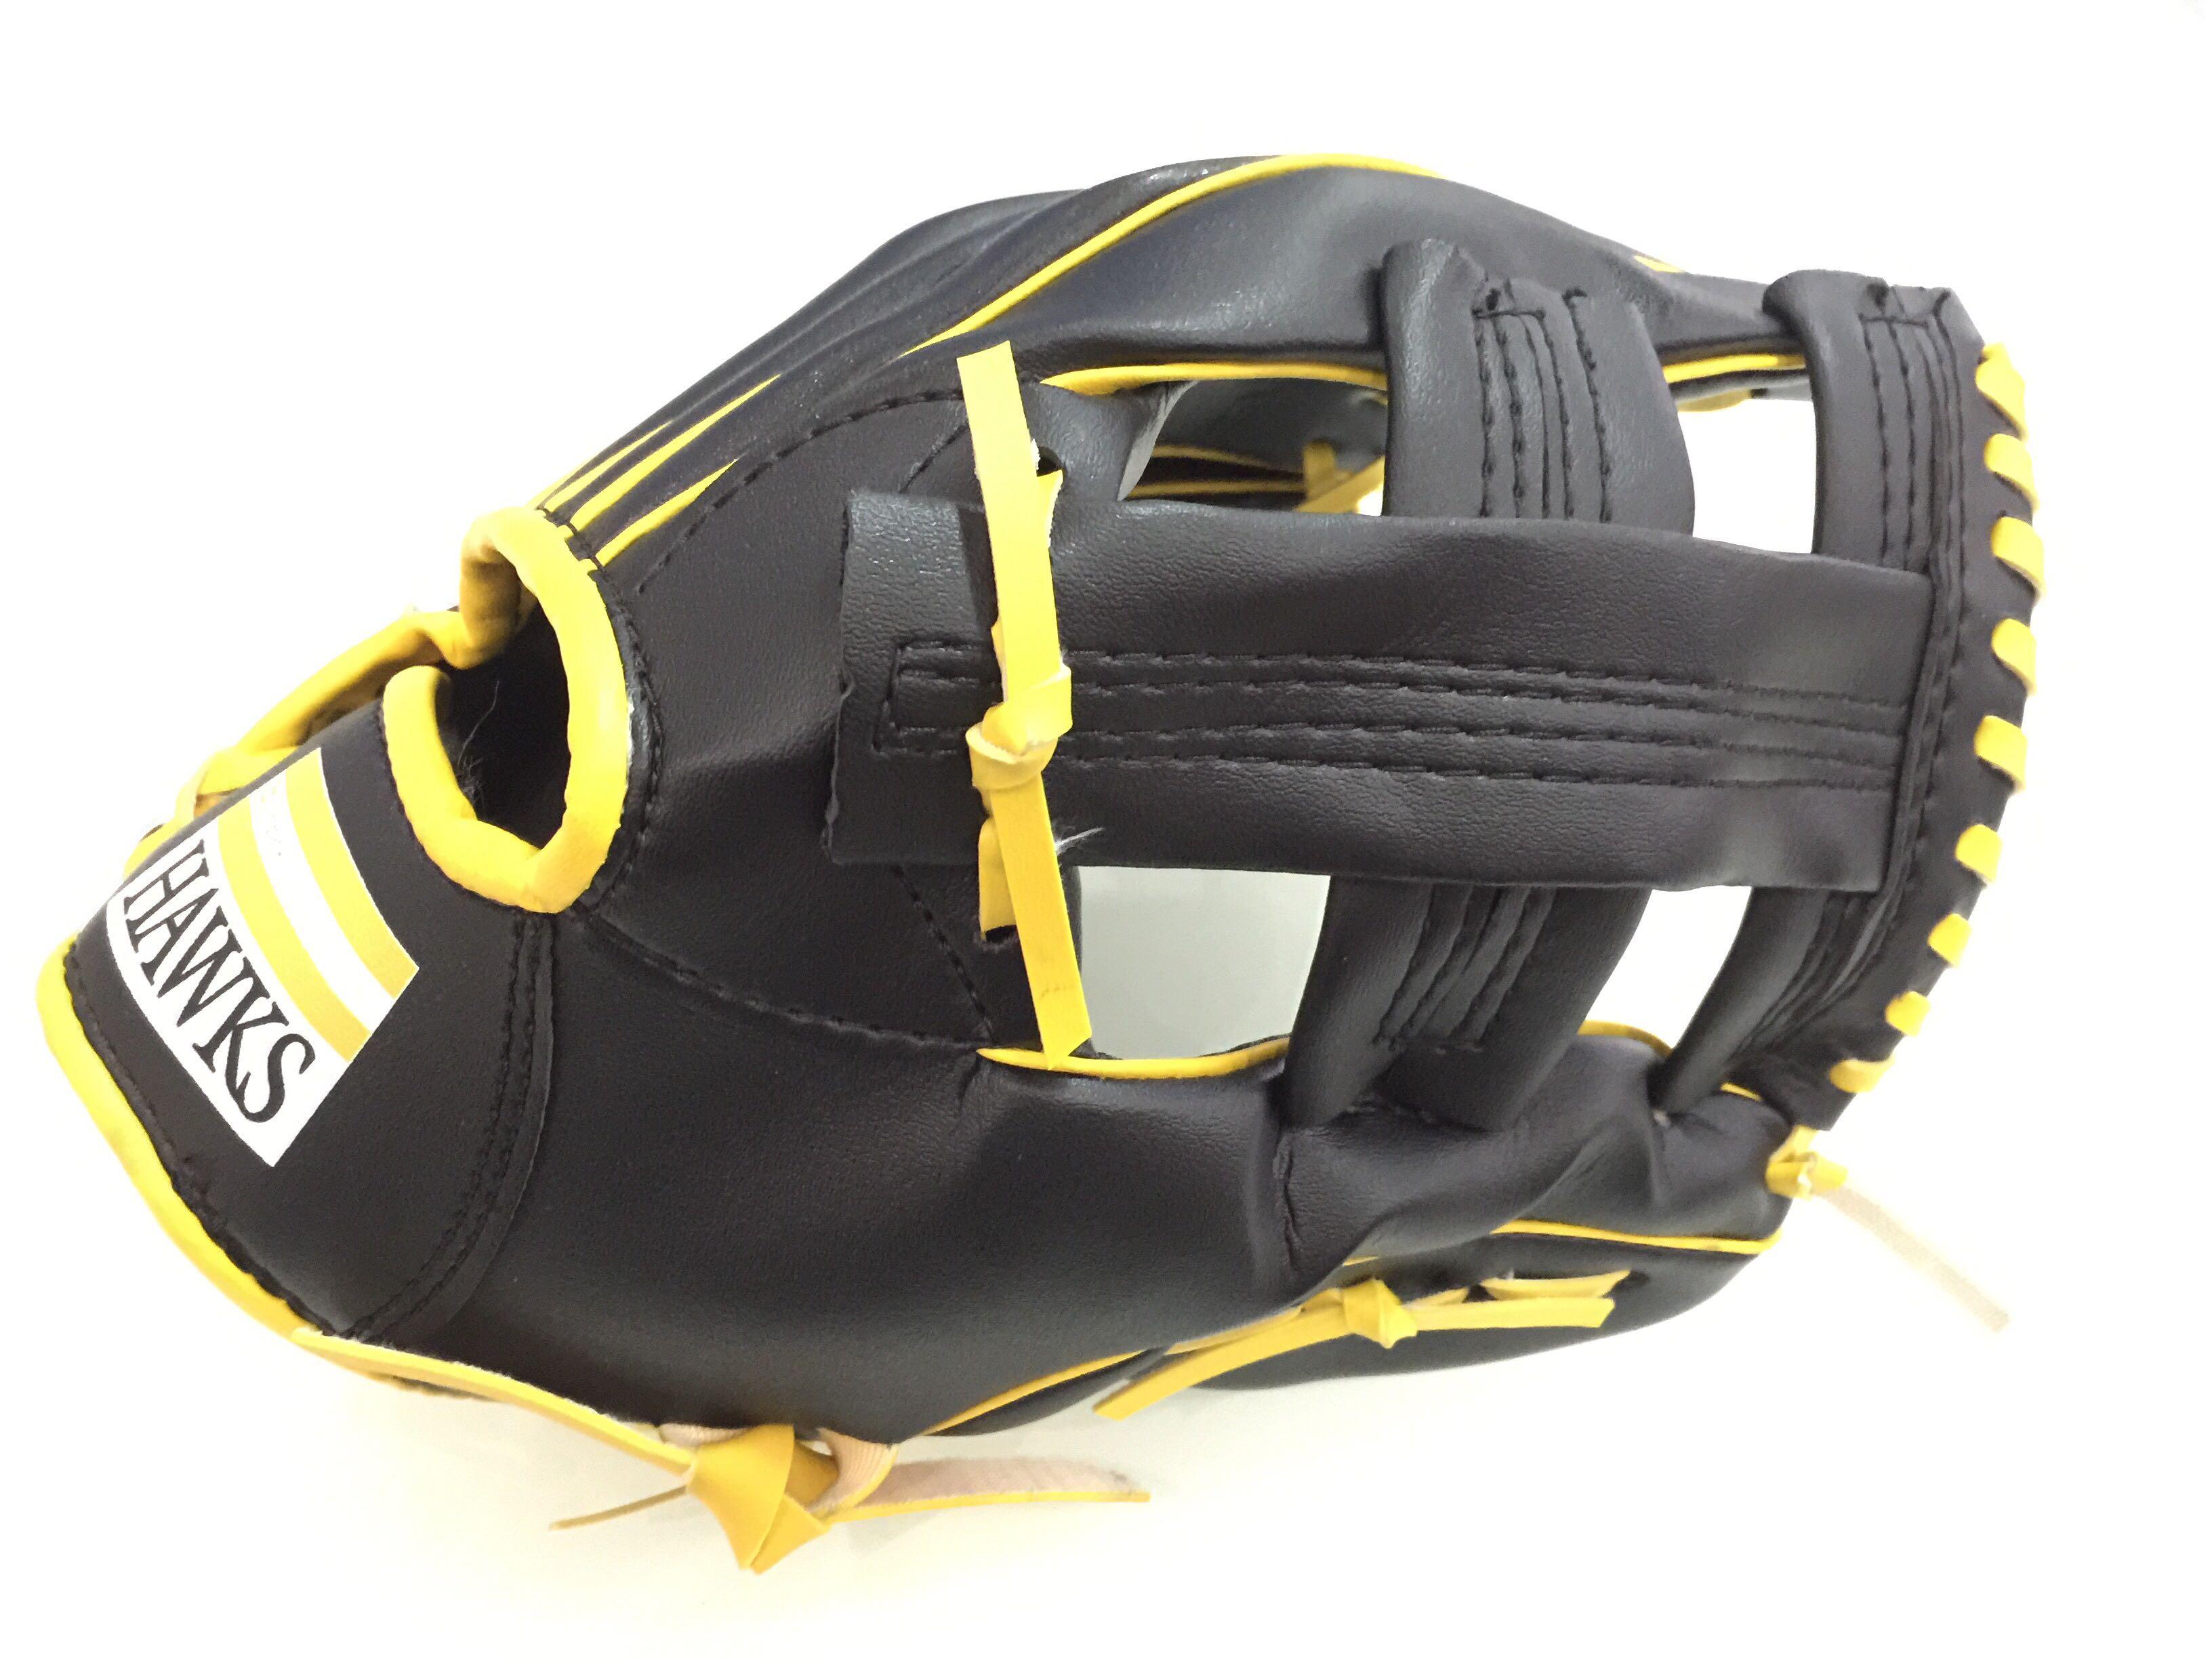 棒球世界 全新日本職棒 NPB 軟銀鷹隊國小用紀念手套 特價 11吋